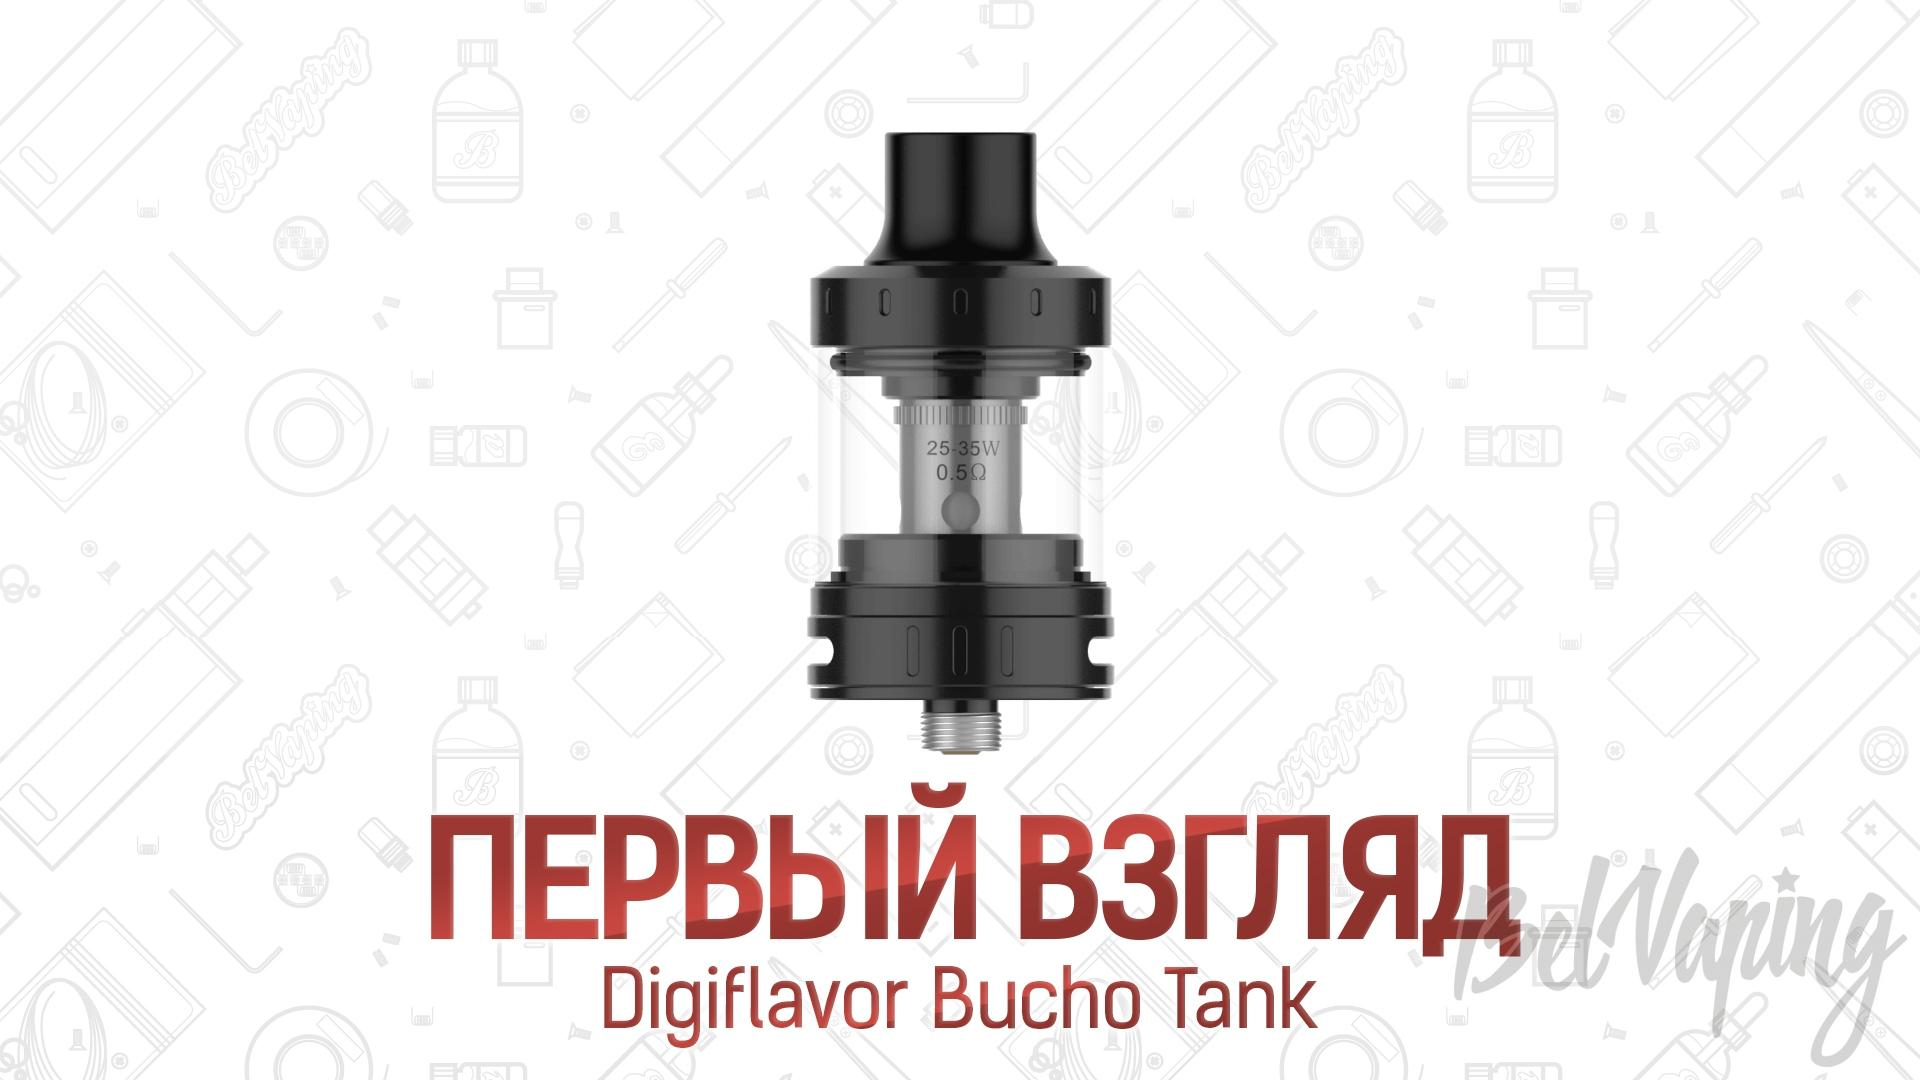 Digiflavor Bucho Tank. Первый взгляд